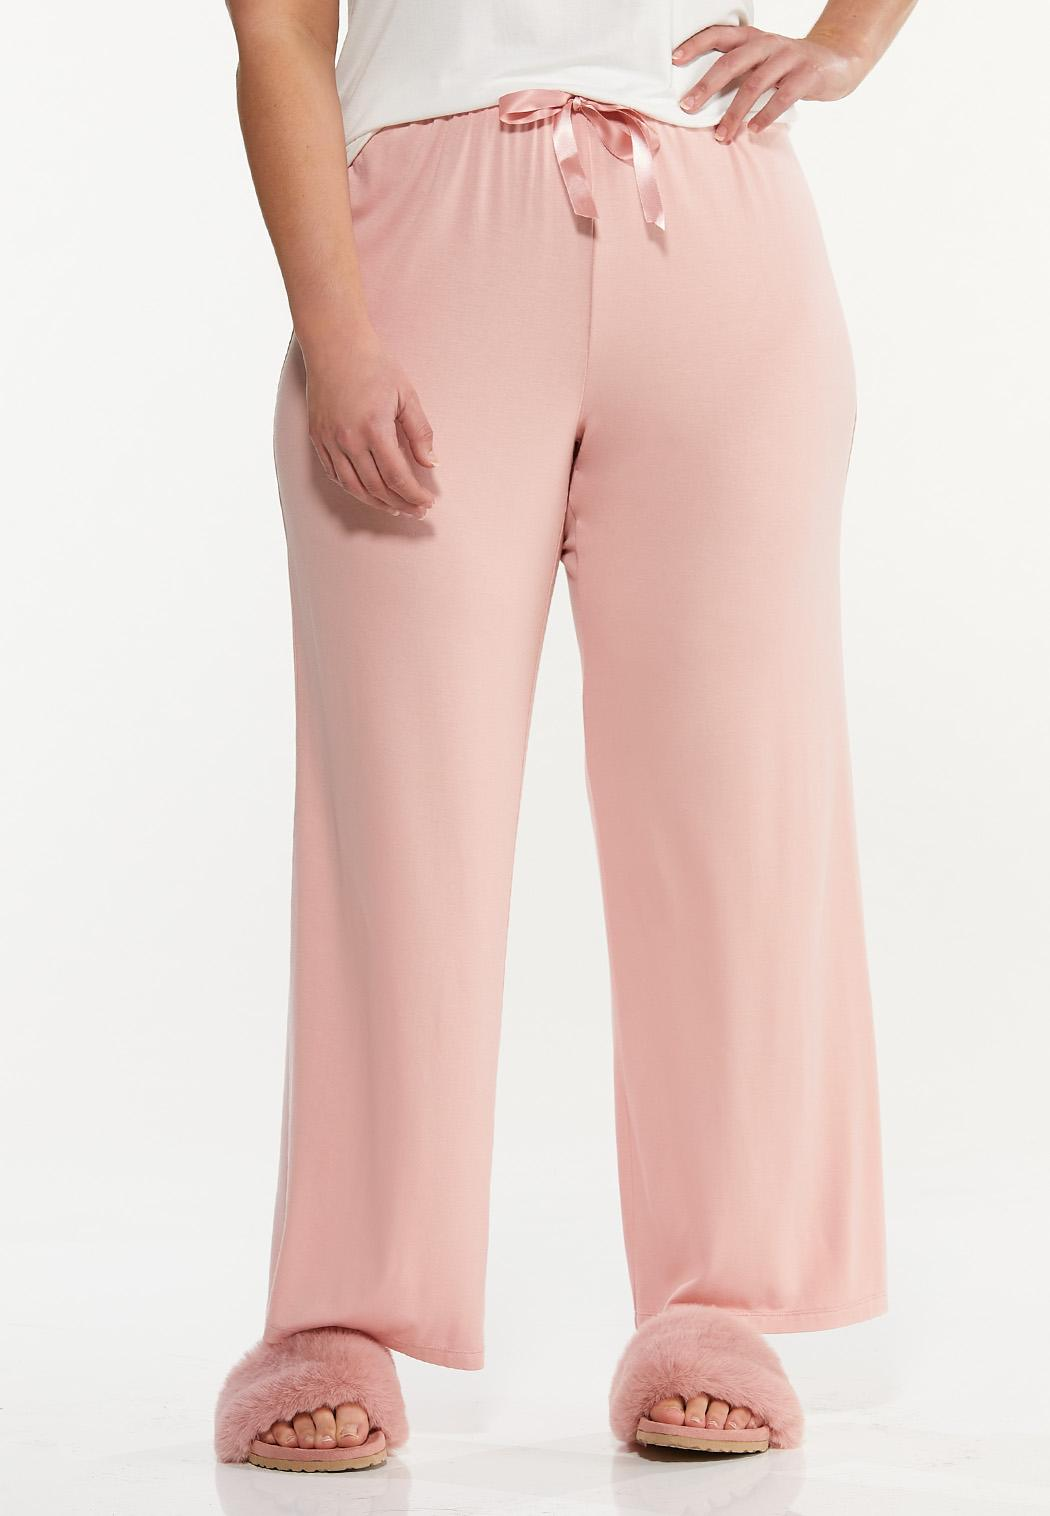 Plus Size Pink Sleep Pants